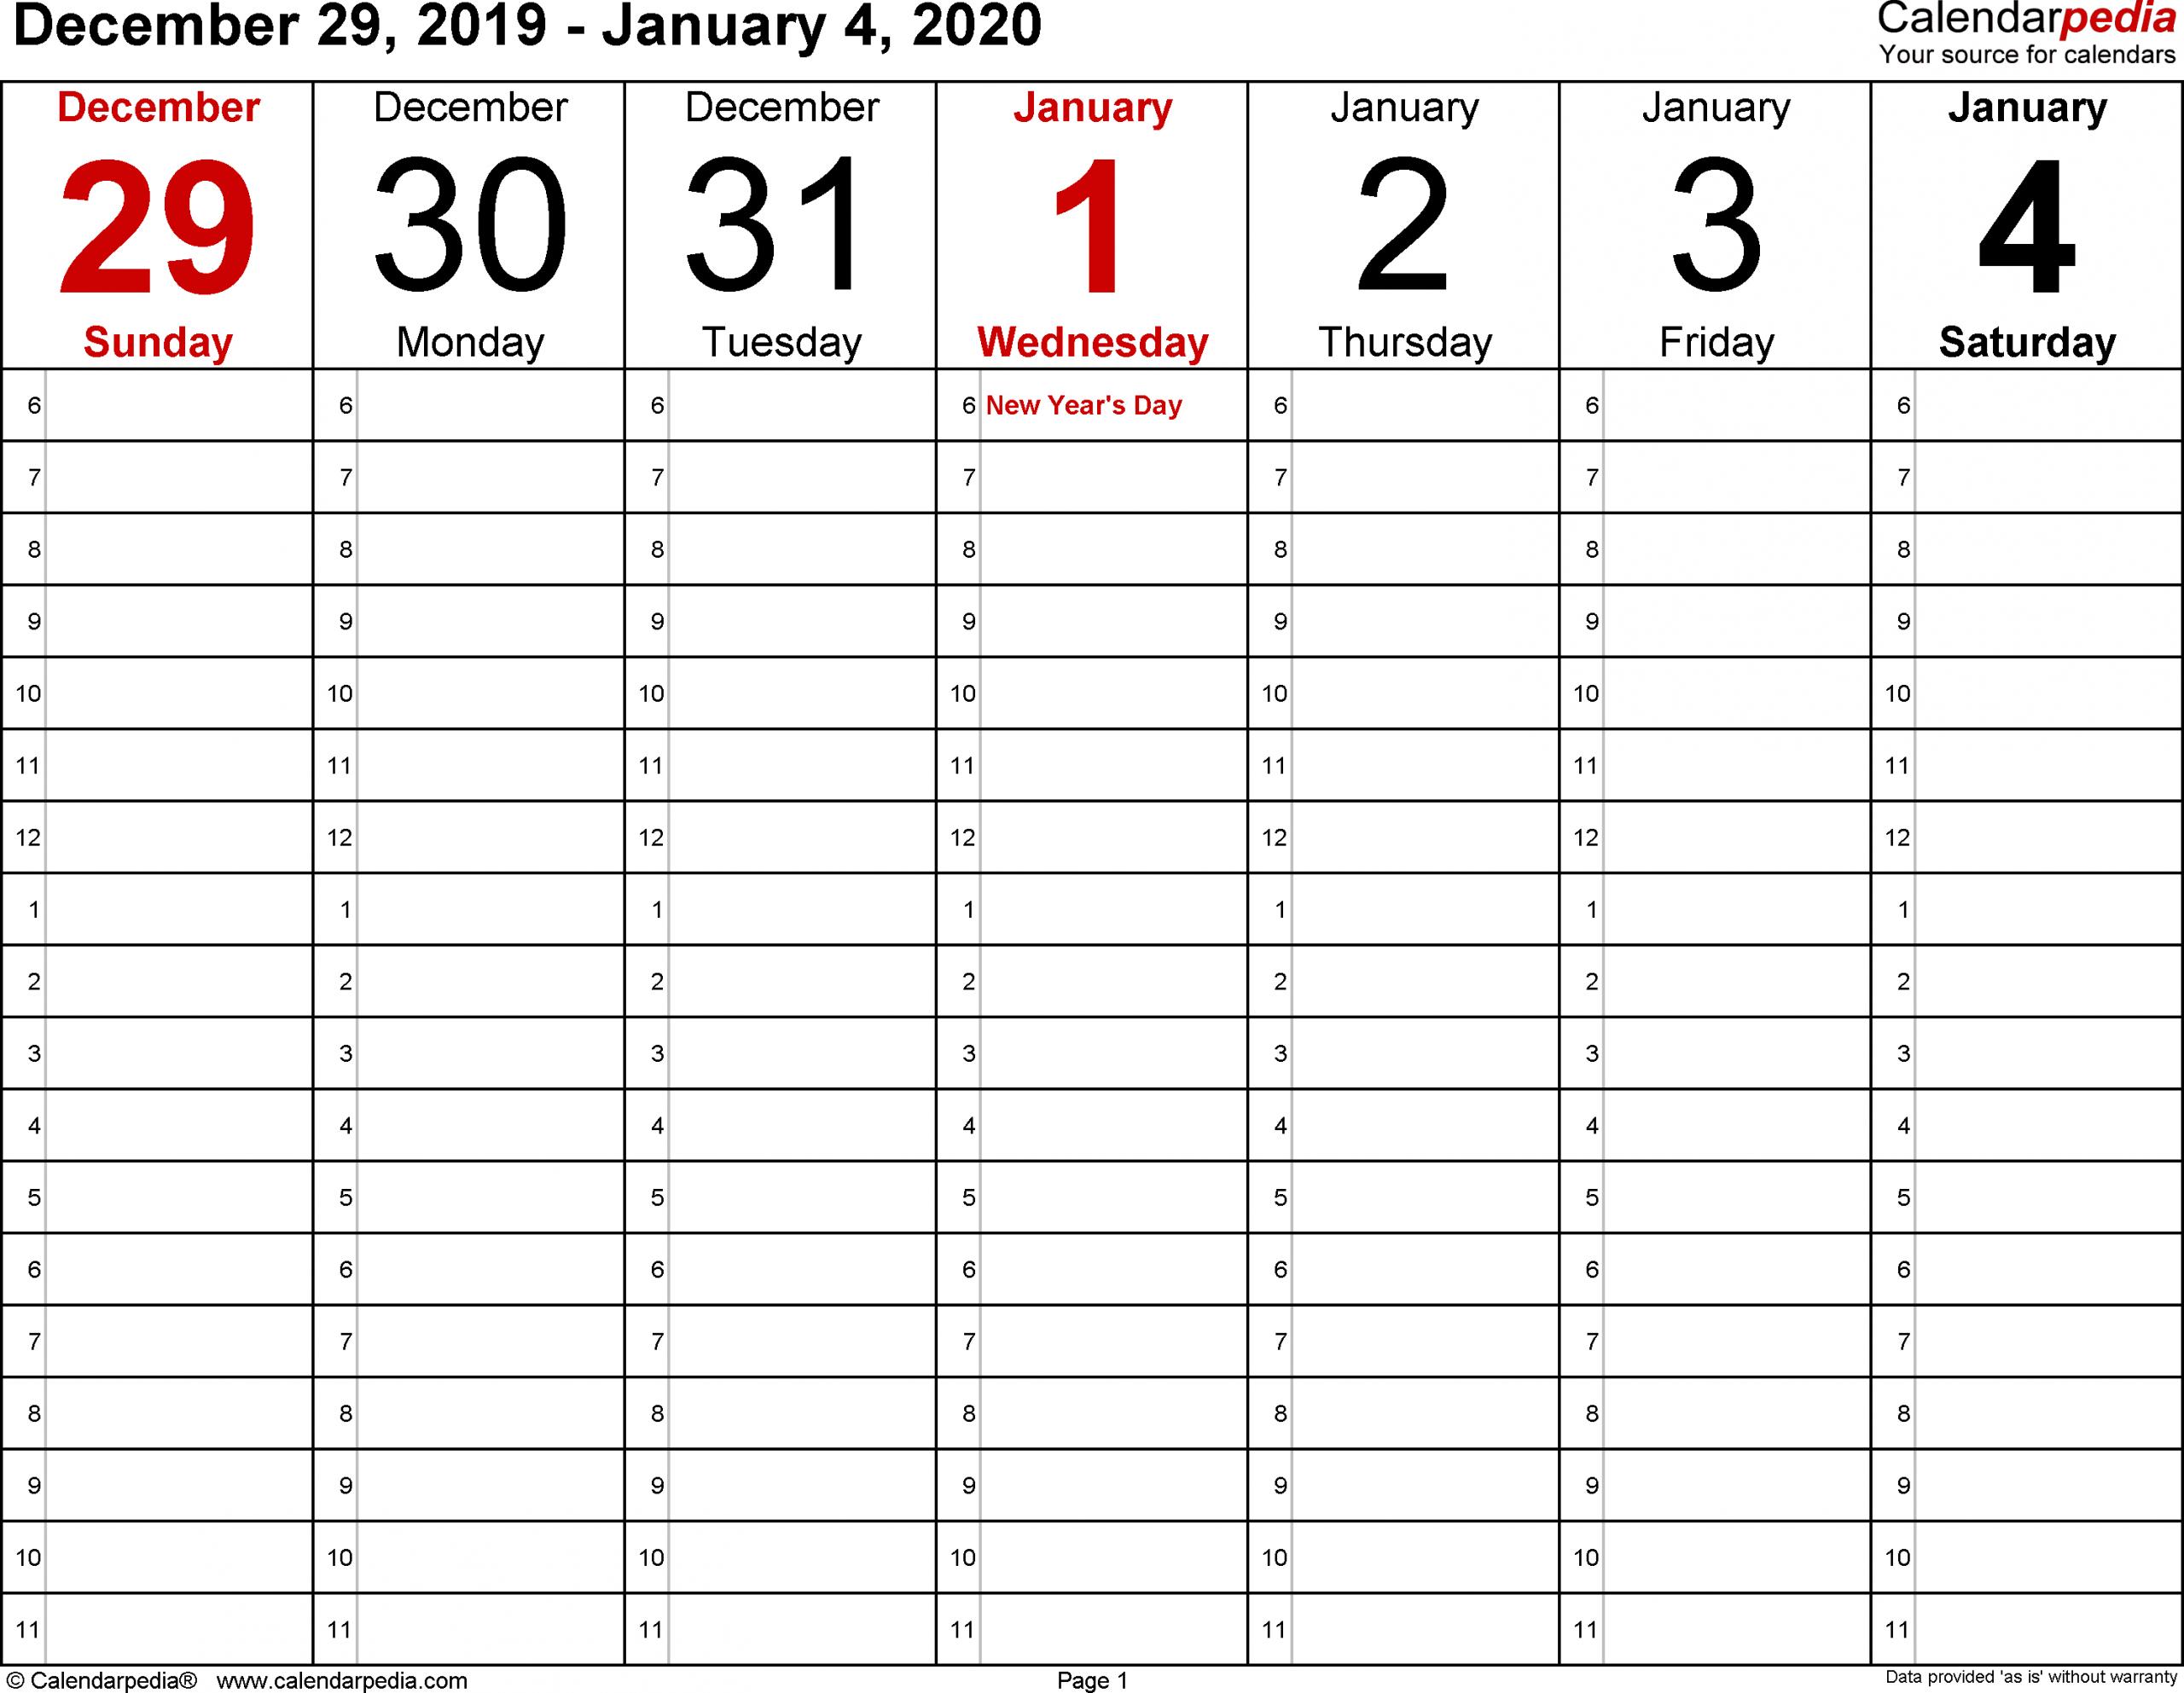 January 2020 Calendar Pdf, Excel, Word Printable Templates 4 Week Blank Calender Template